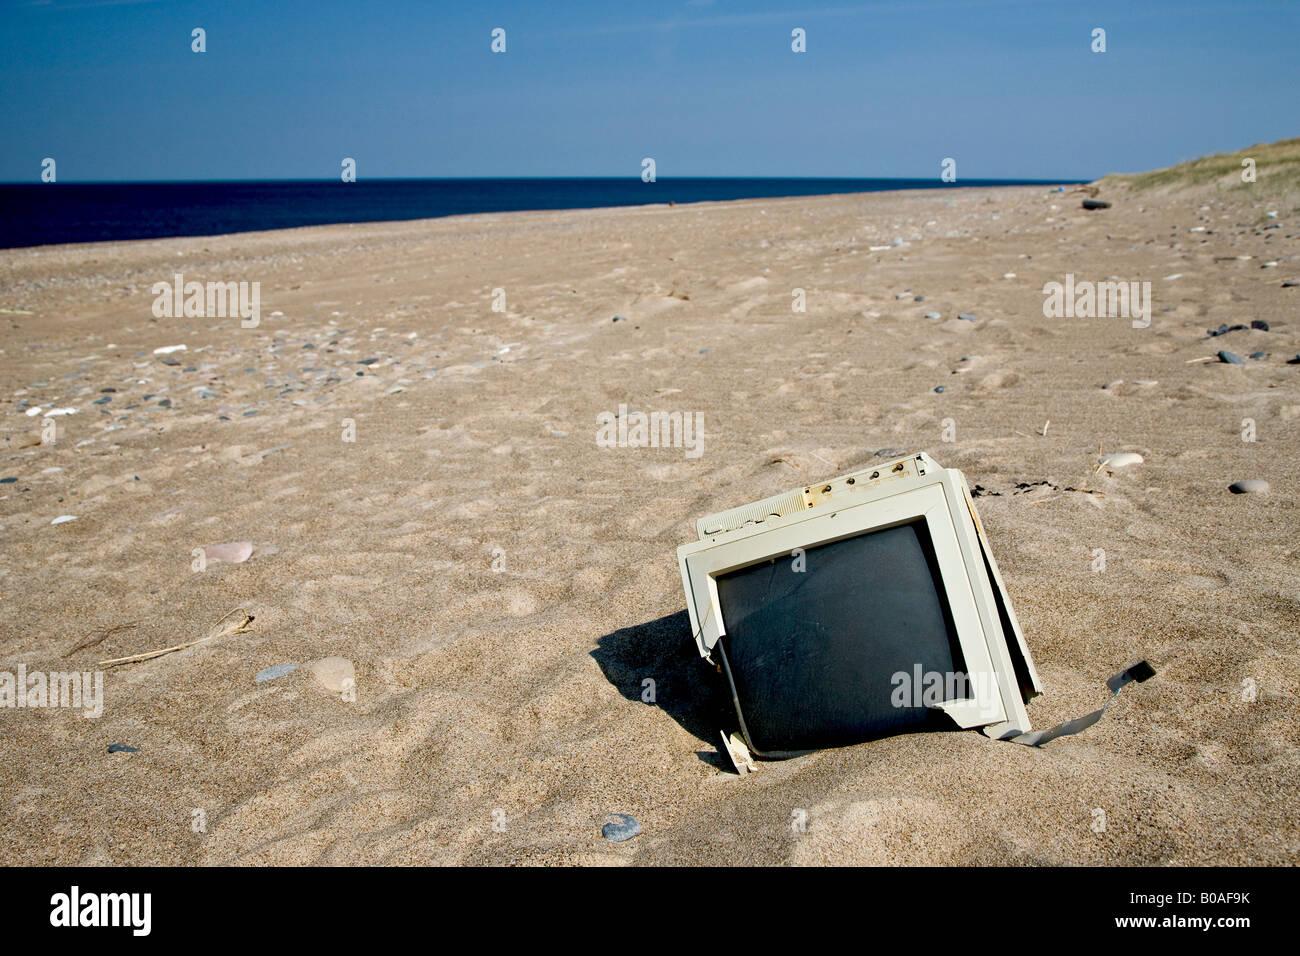 Los residuos electrónicos en la playa Imagen De Stock